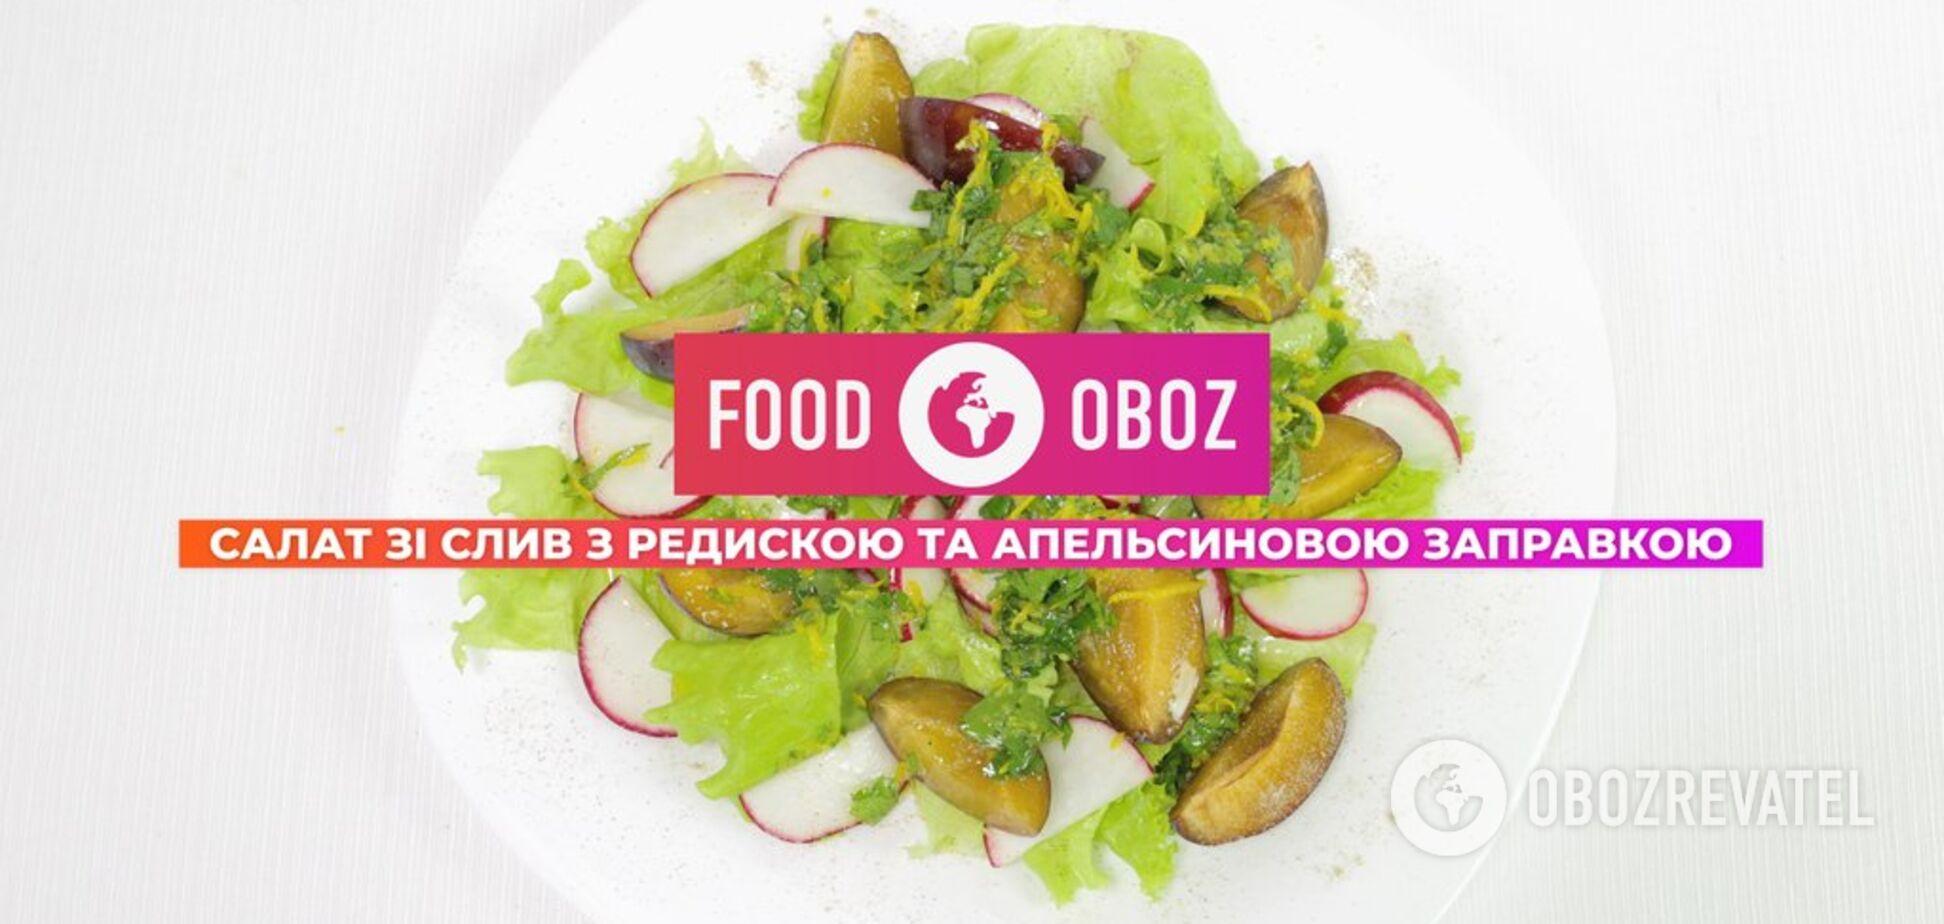 FOODOBOZ | Салат из слив с редиской и апельсиновой заправкой